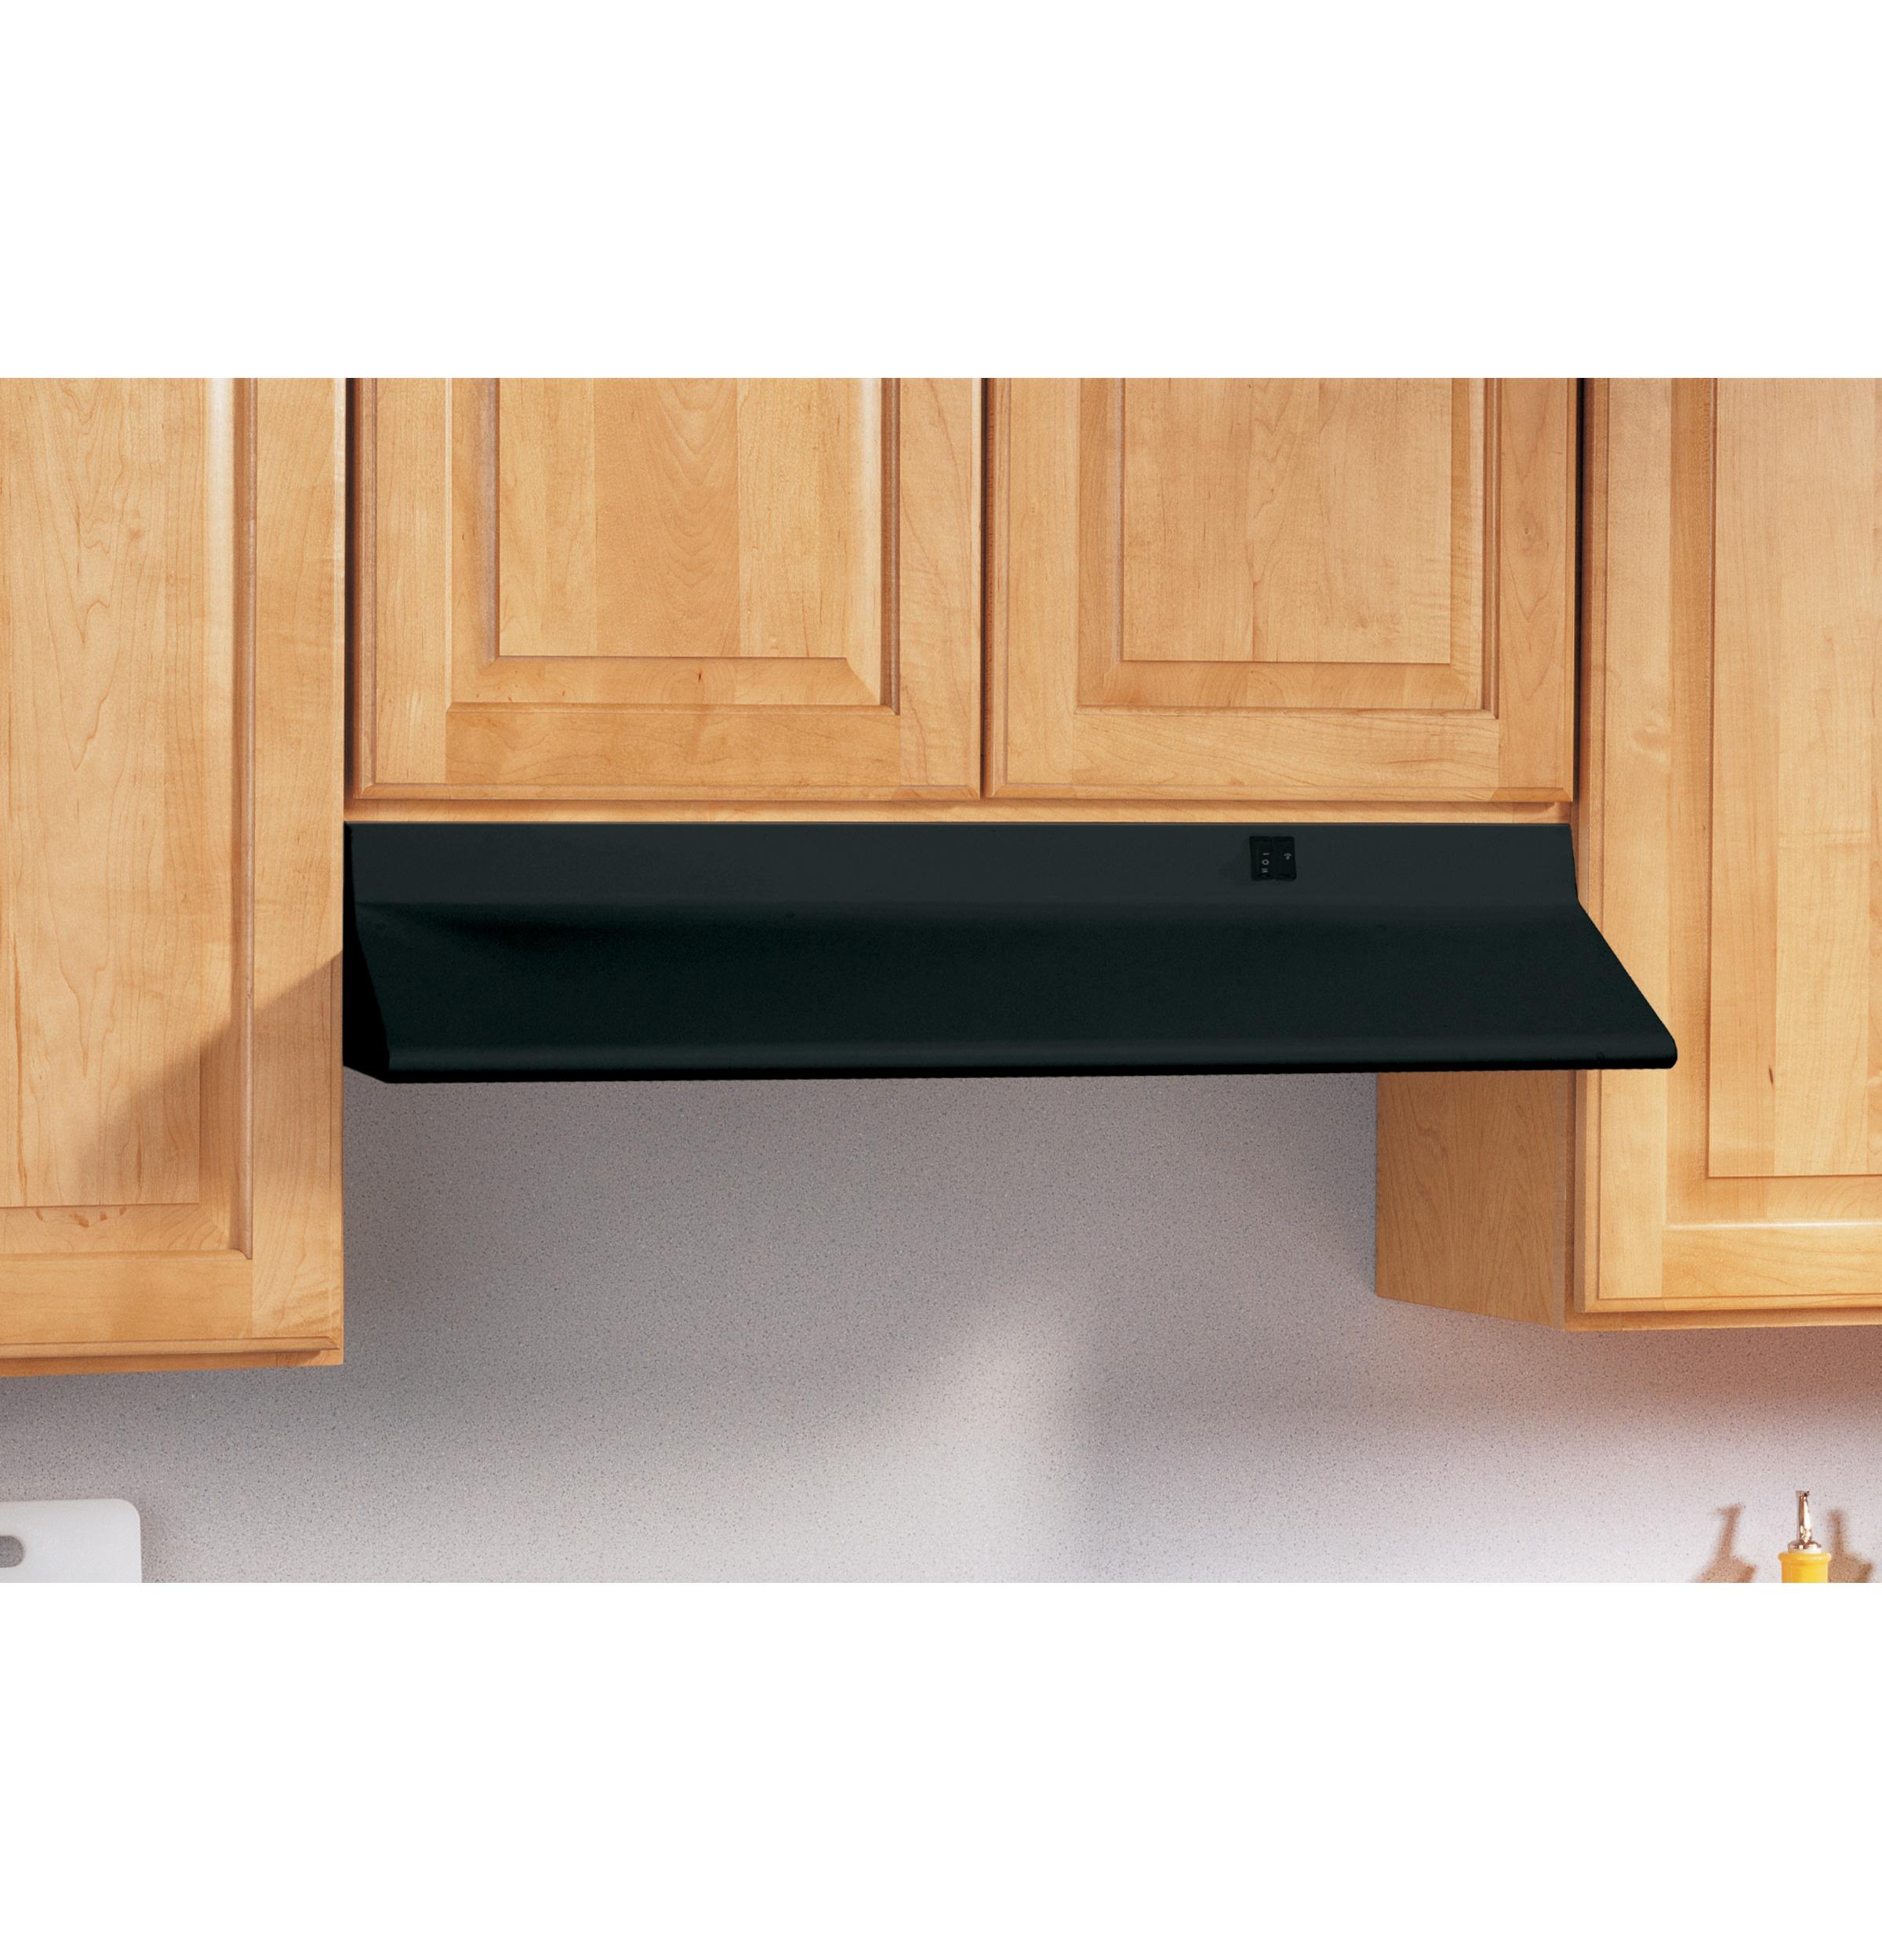 Model: JV338HBB | GE GE® Standard Range Hood